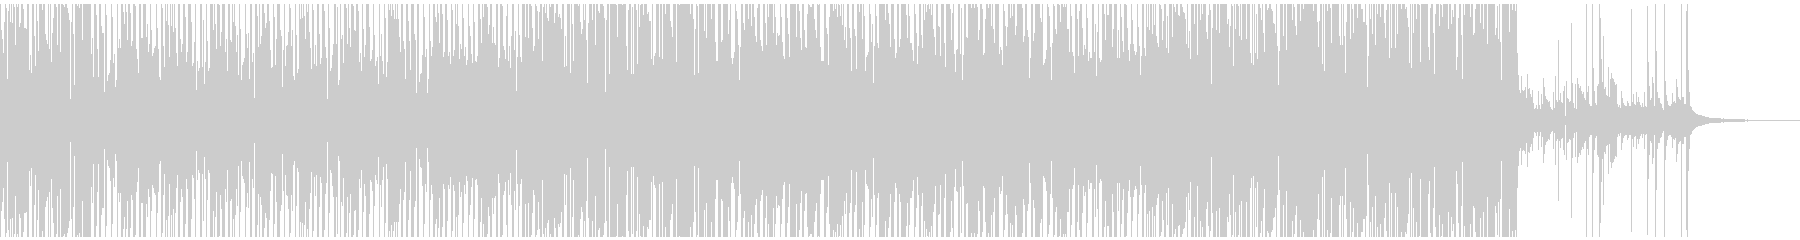 チョッパー主導の激重タイトグルーブの未再生の波形